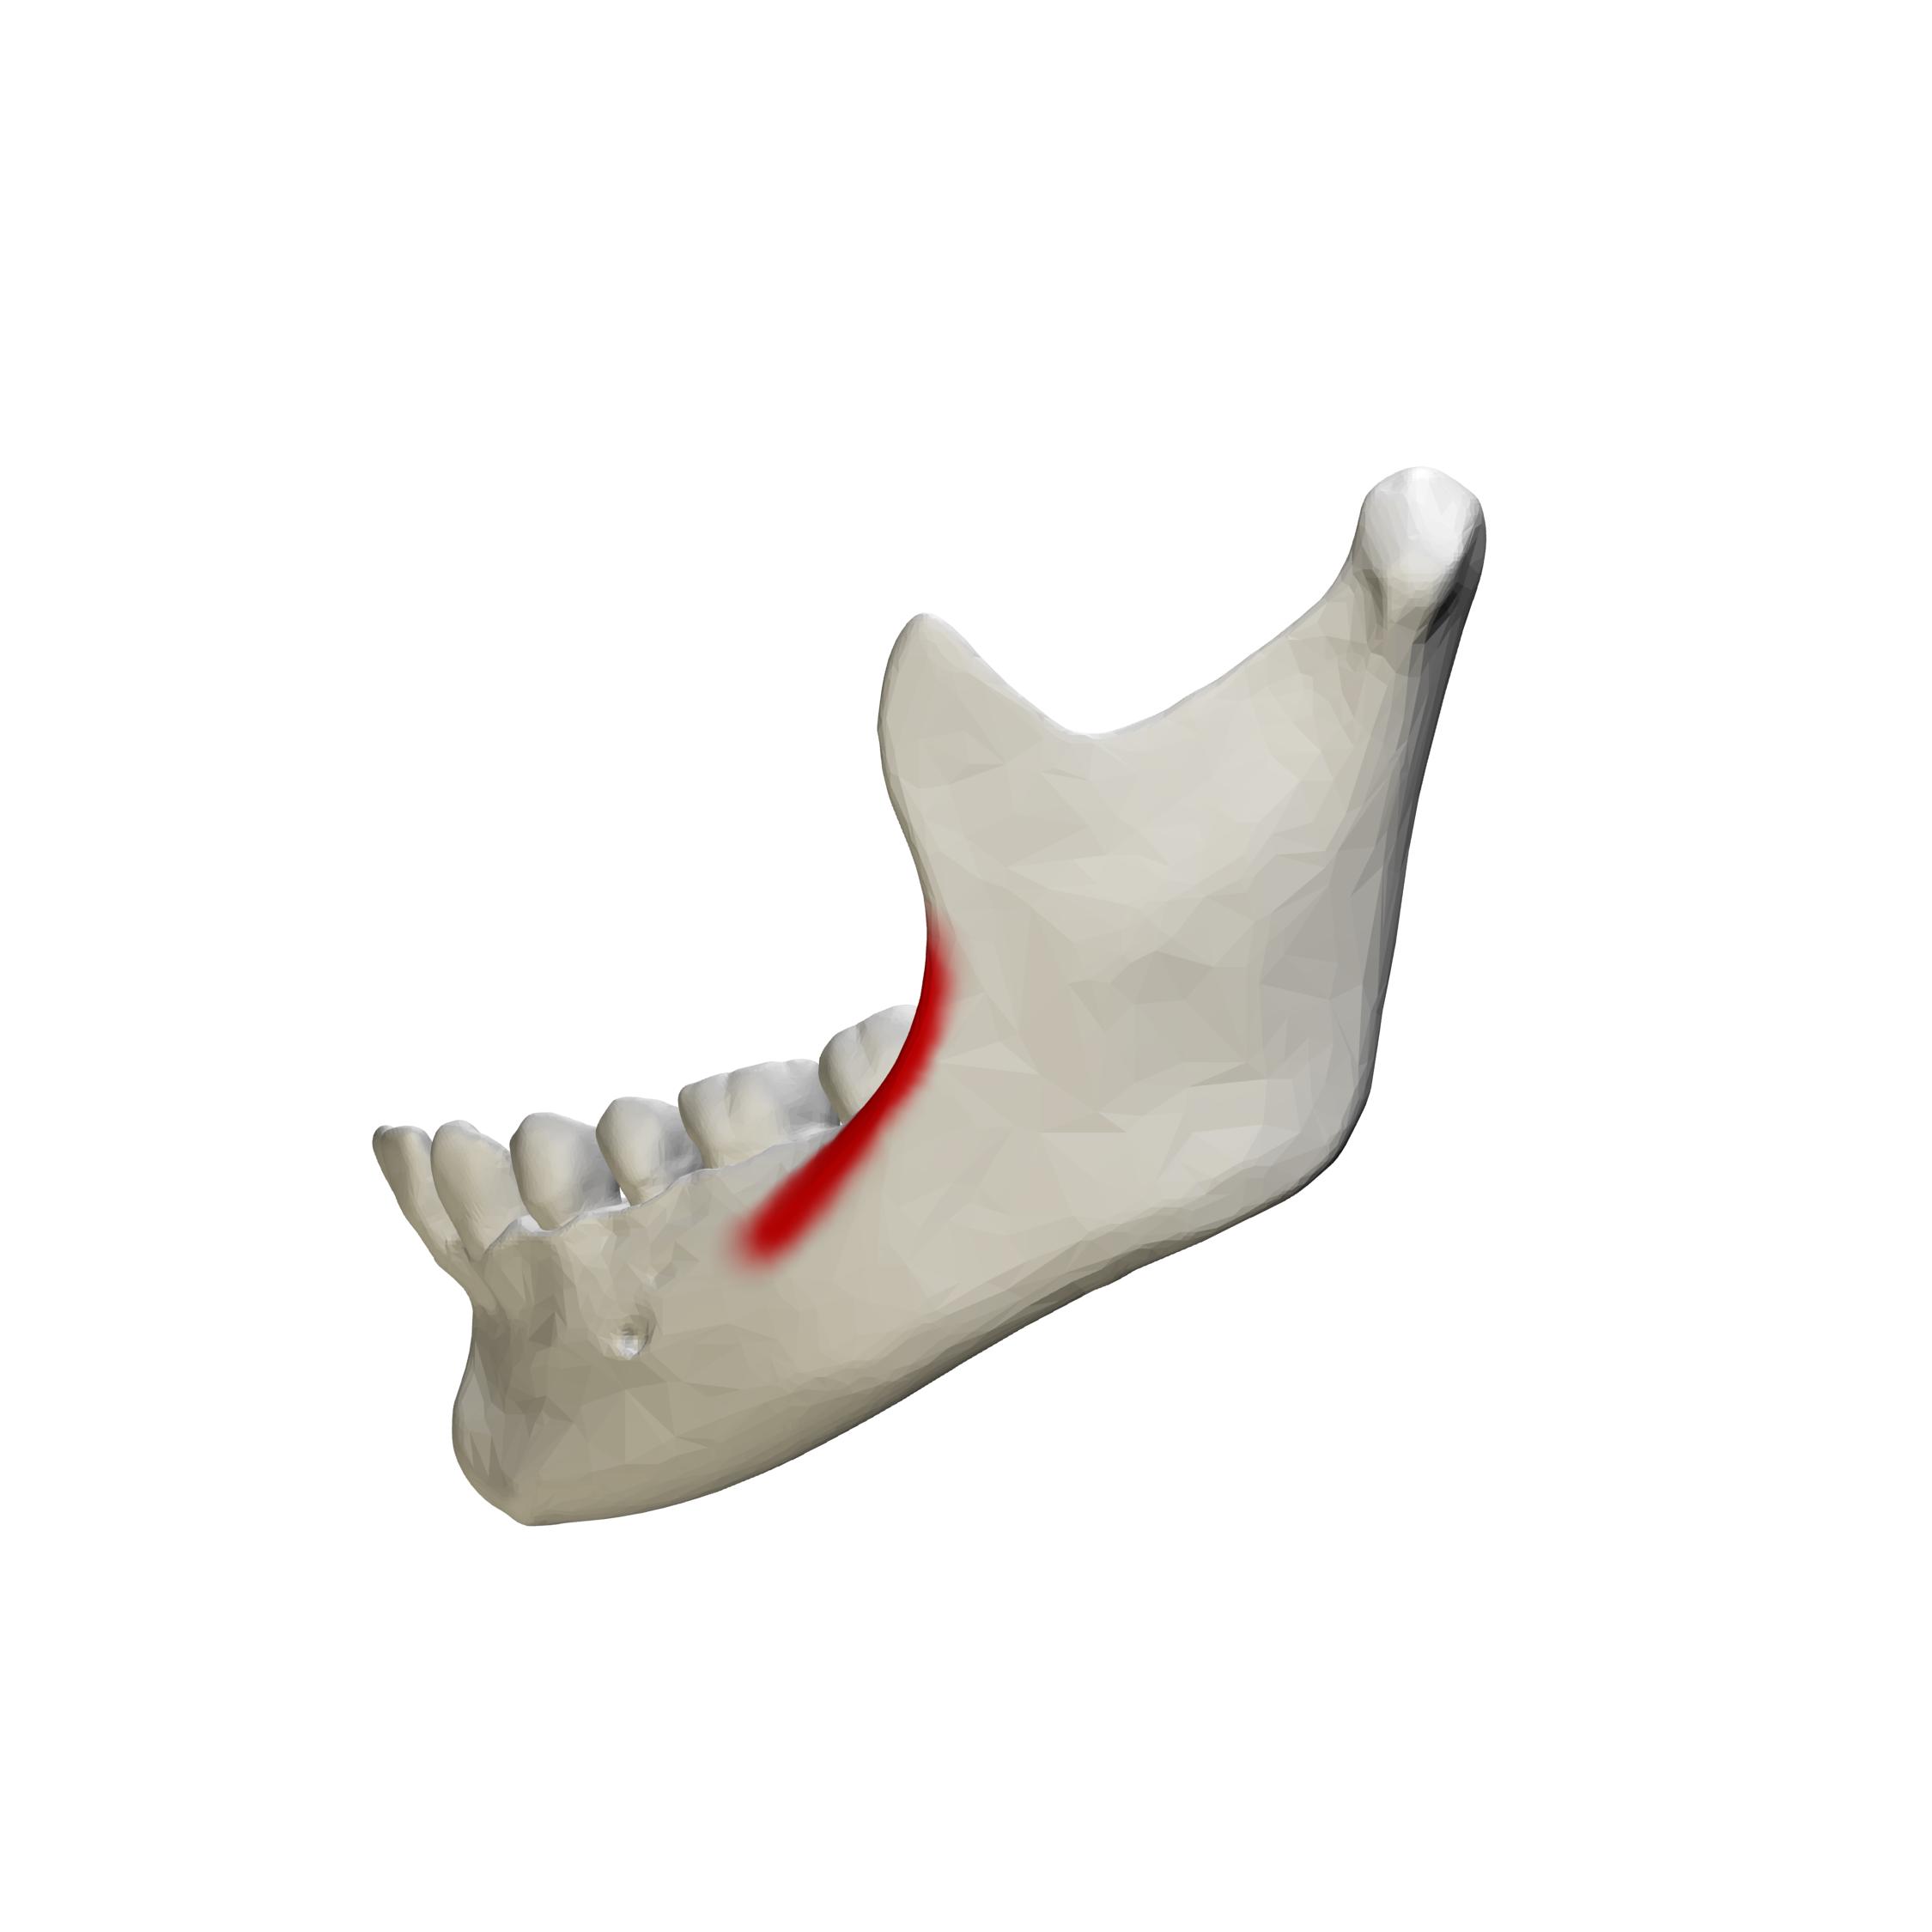 File:External oblique line of mandible - close up ...